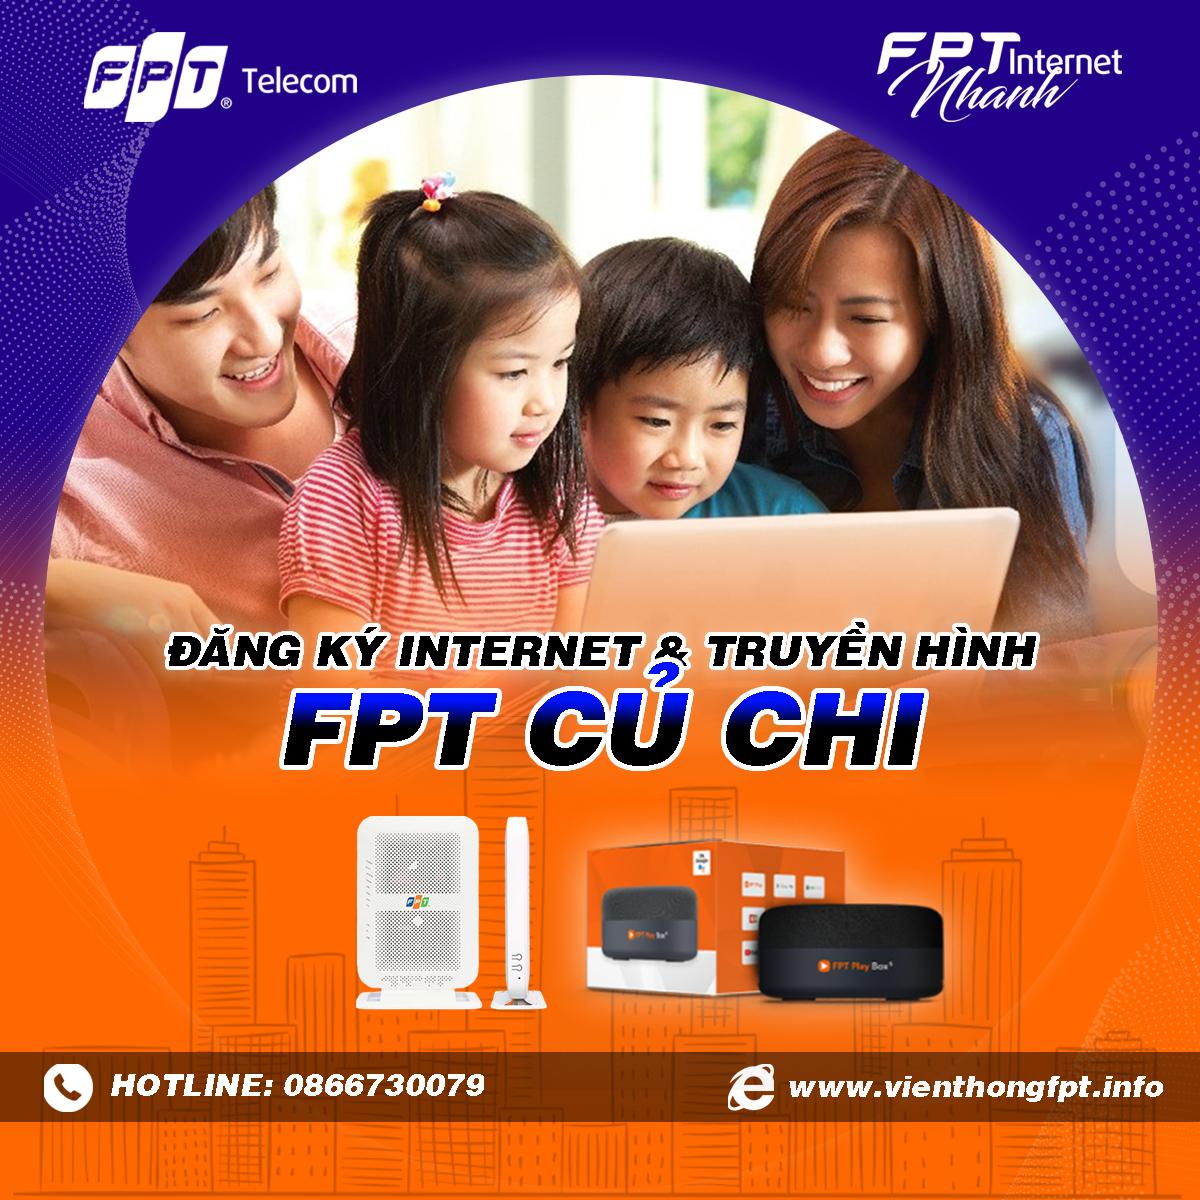 Tổng đài FPT Củ Chi - Đăng ký Internet và Truyền hình FPT